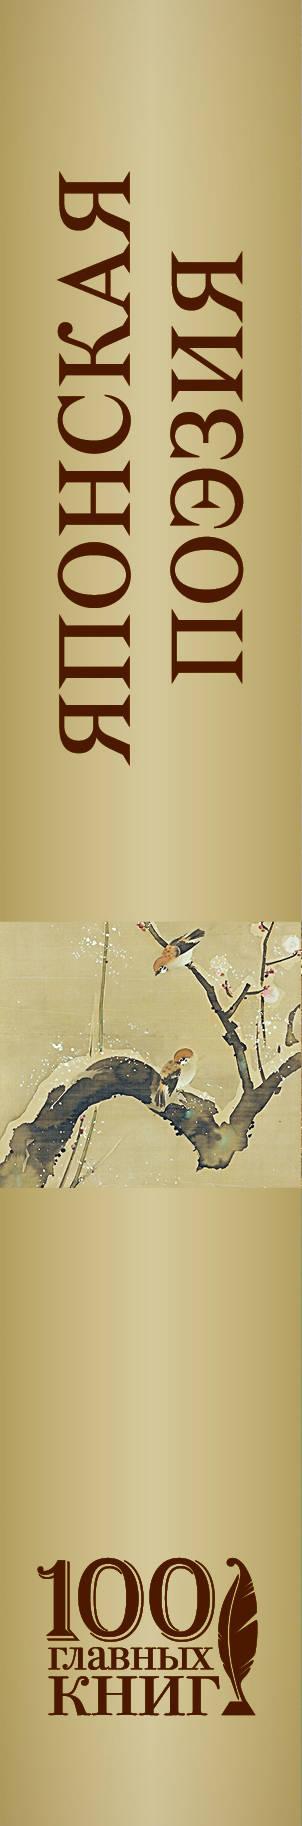 Японская поэзия Каждое стихотворение танка или хокку - маленькая поэма, пробуждающая...